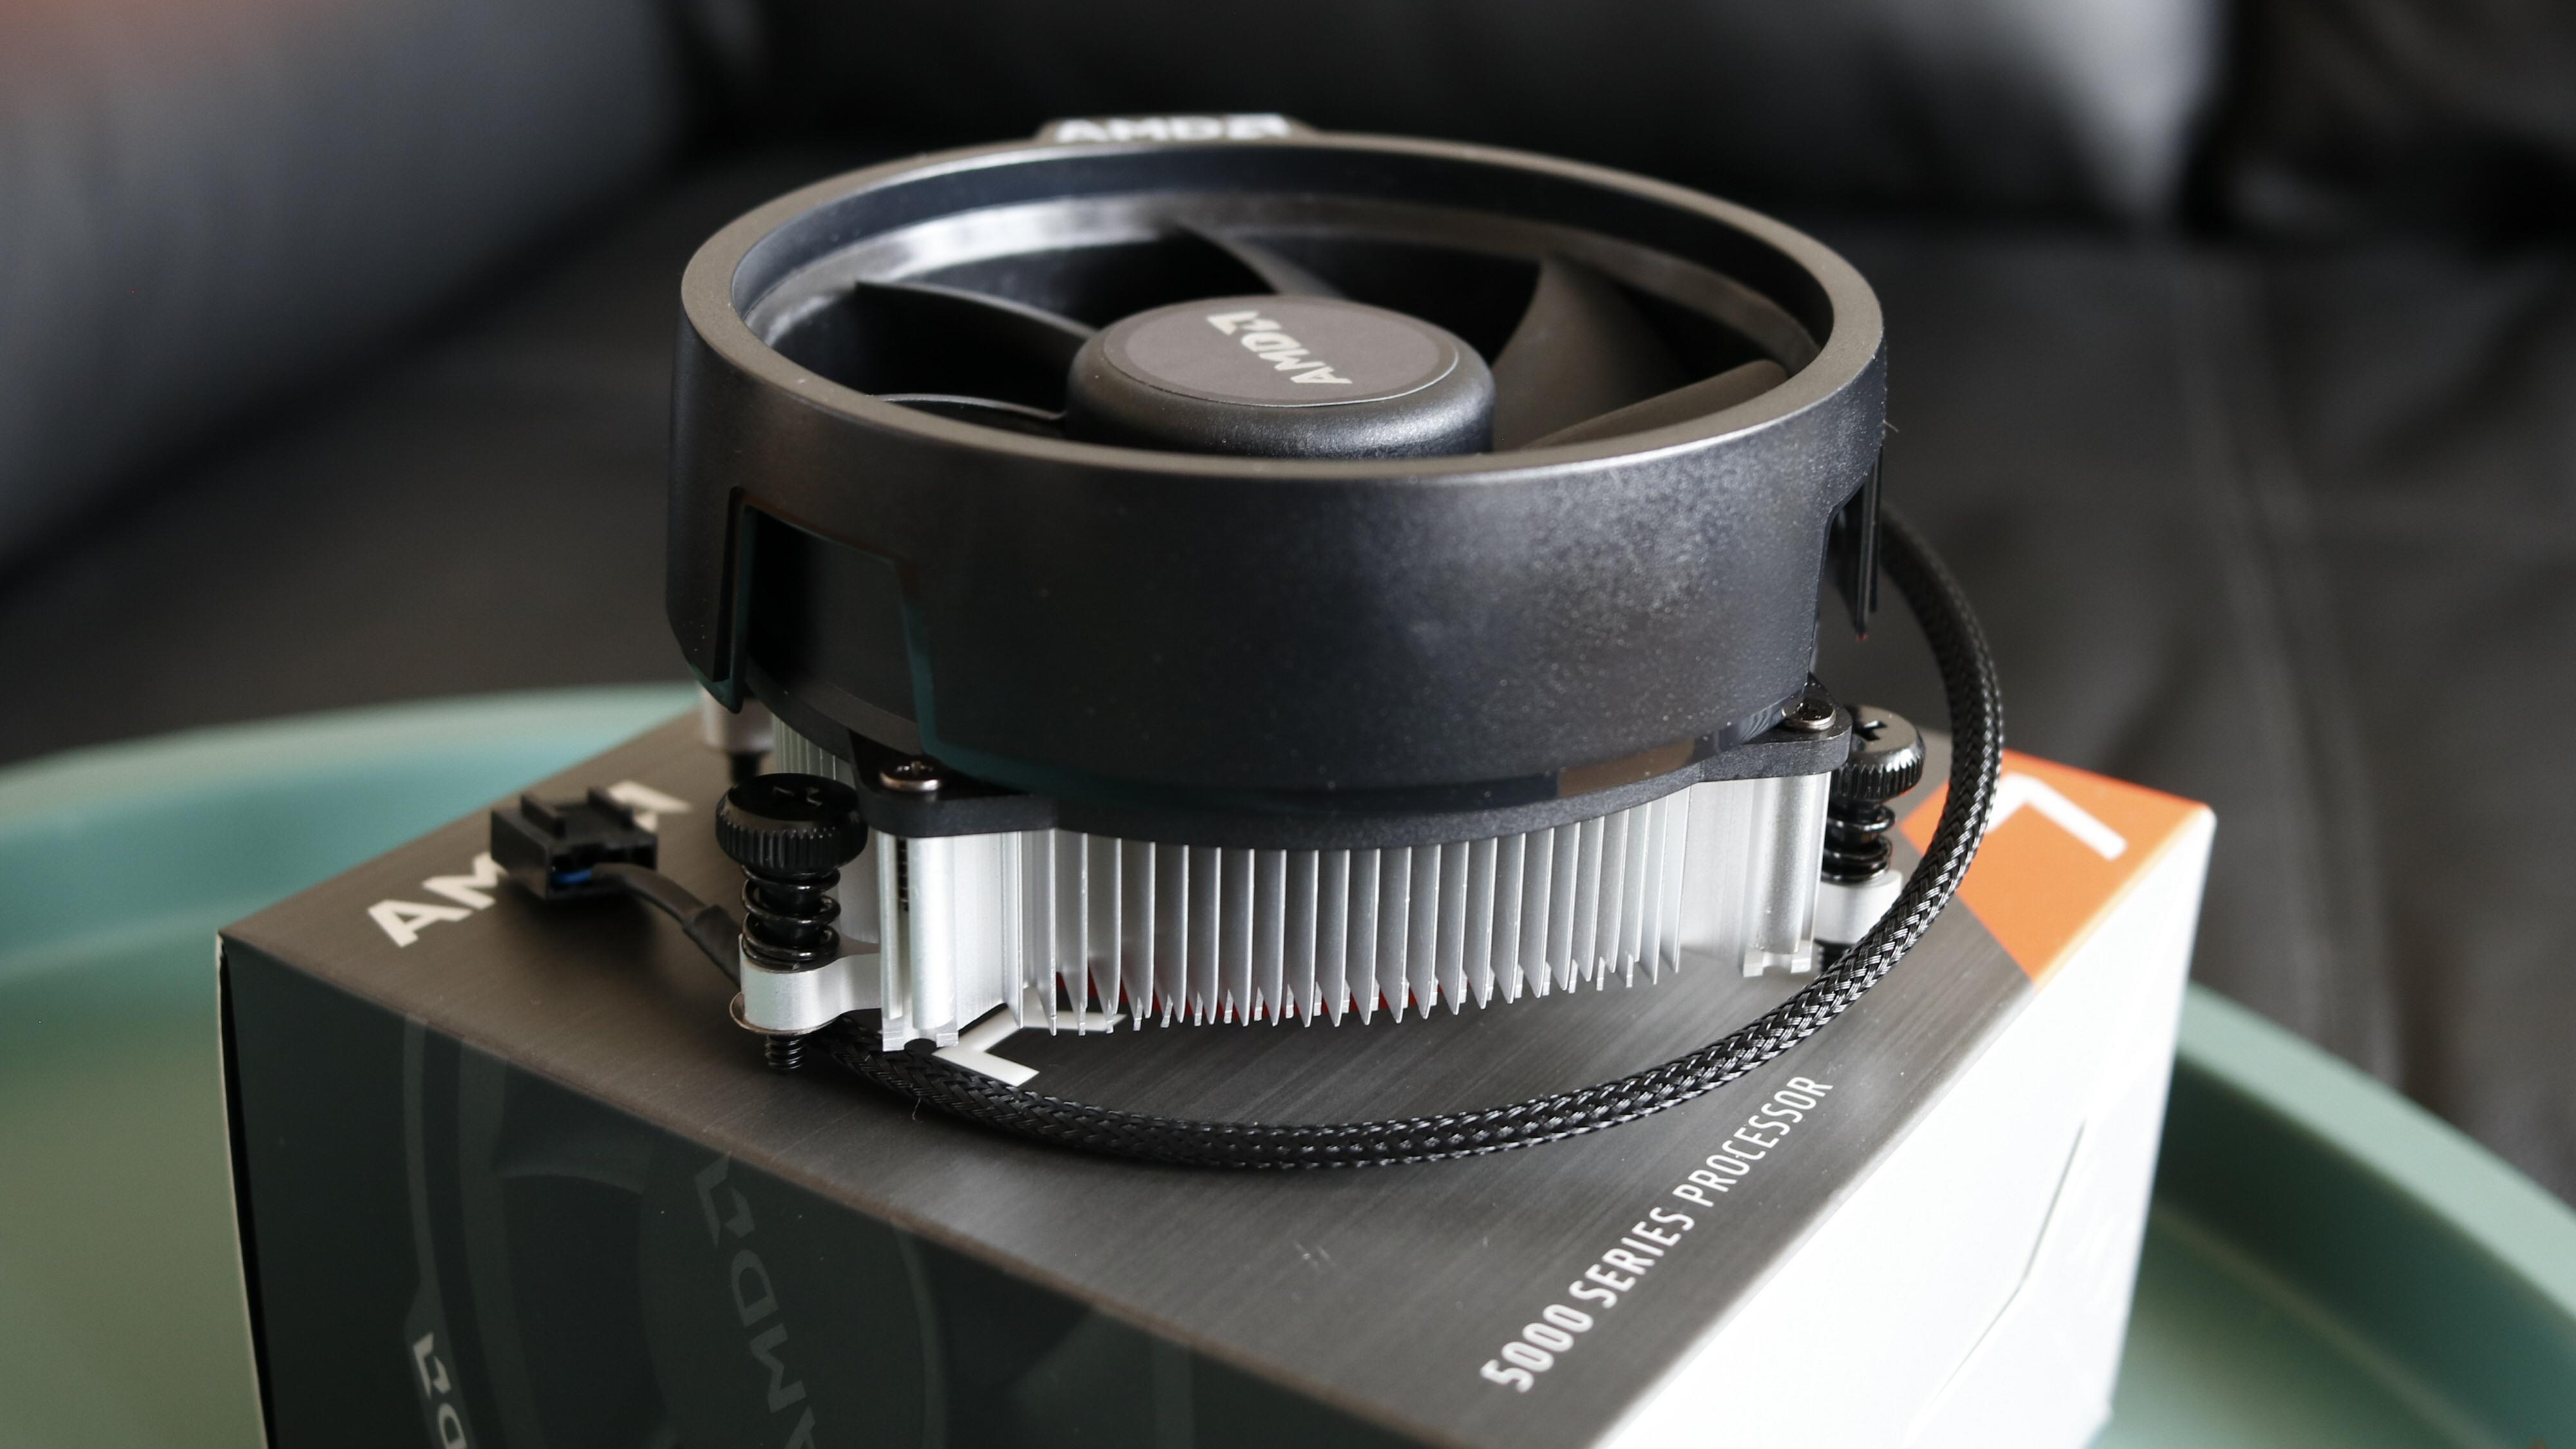 Ryzen 7 5700G skal klare seg fint med en Wraith Stealth, mener AMD. For ordens skyld skal det nevnes at vi brukte noe litt heftigere under vår testing.